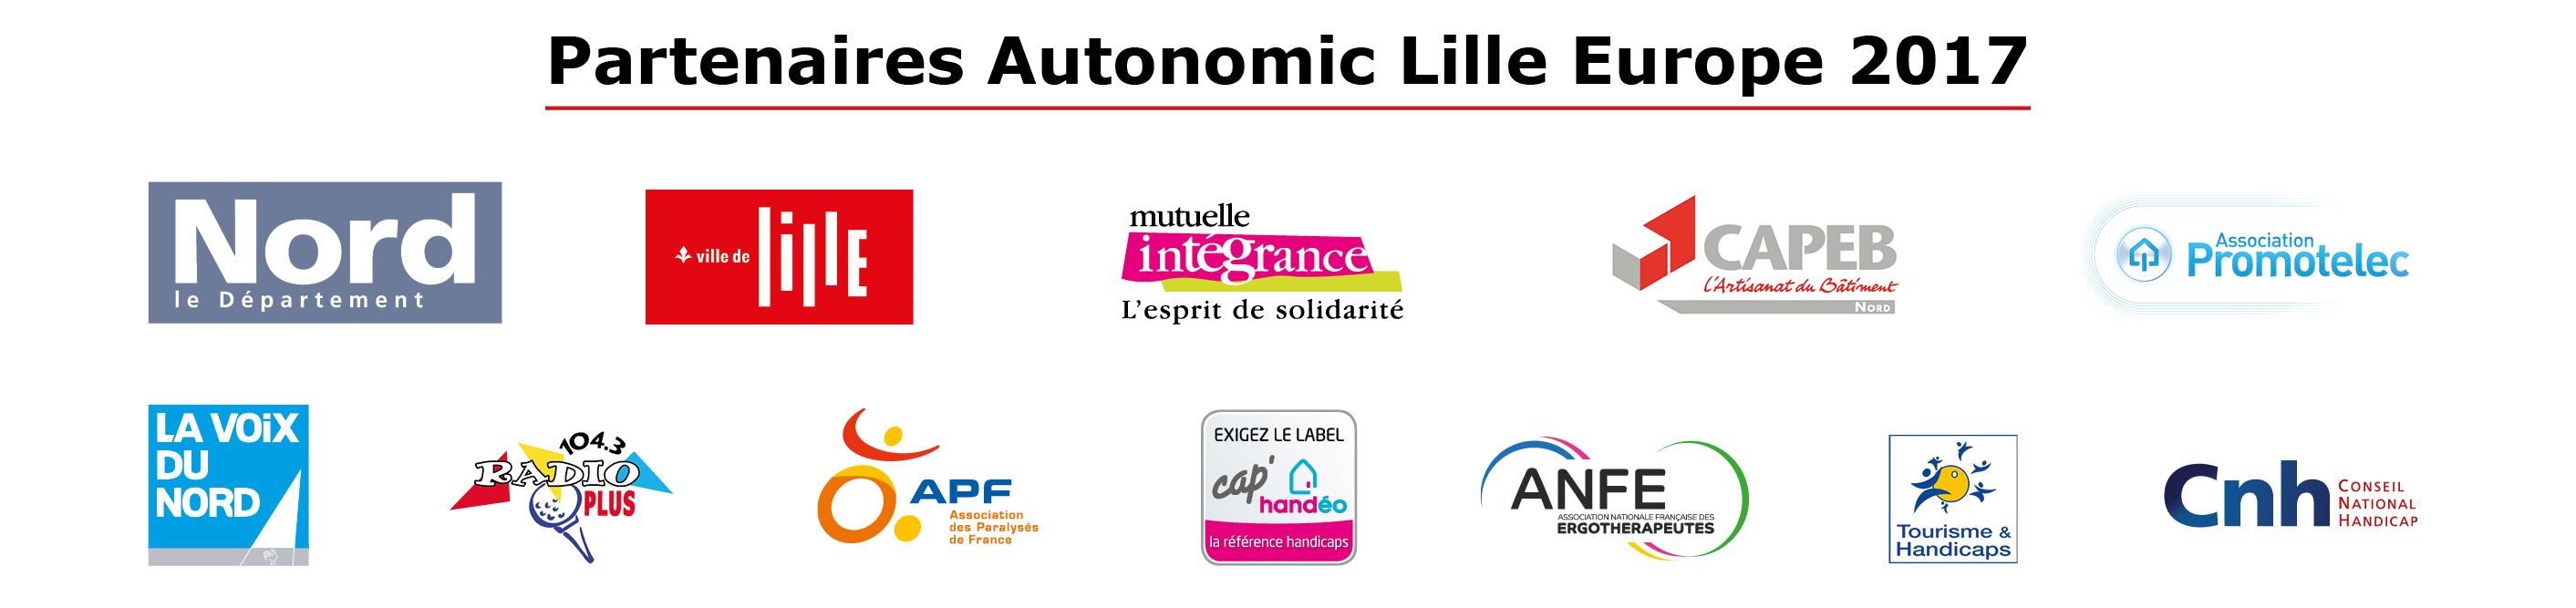 Le salon autonomic lille europe autonomic 8 salons for Salon autonomic 2017